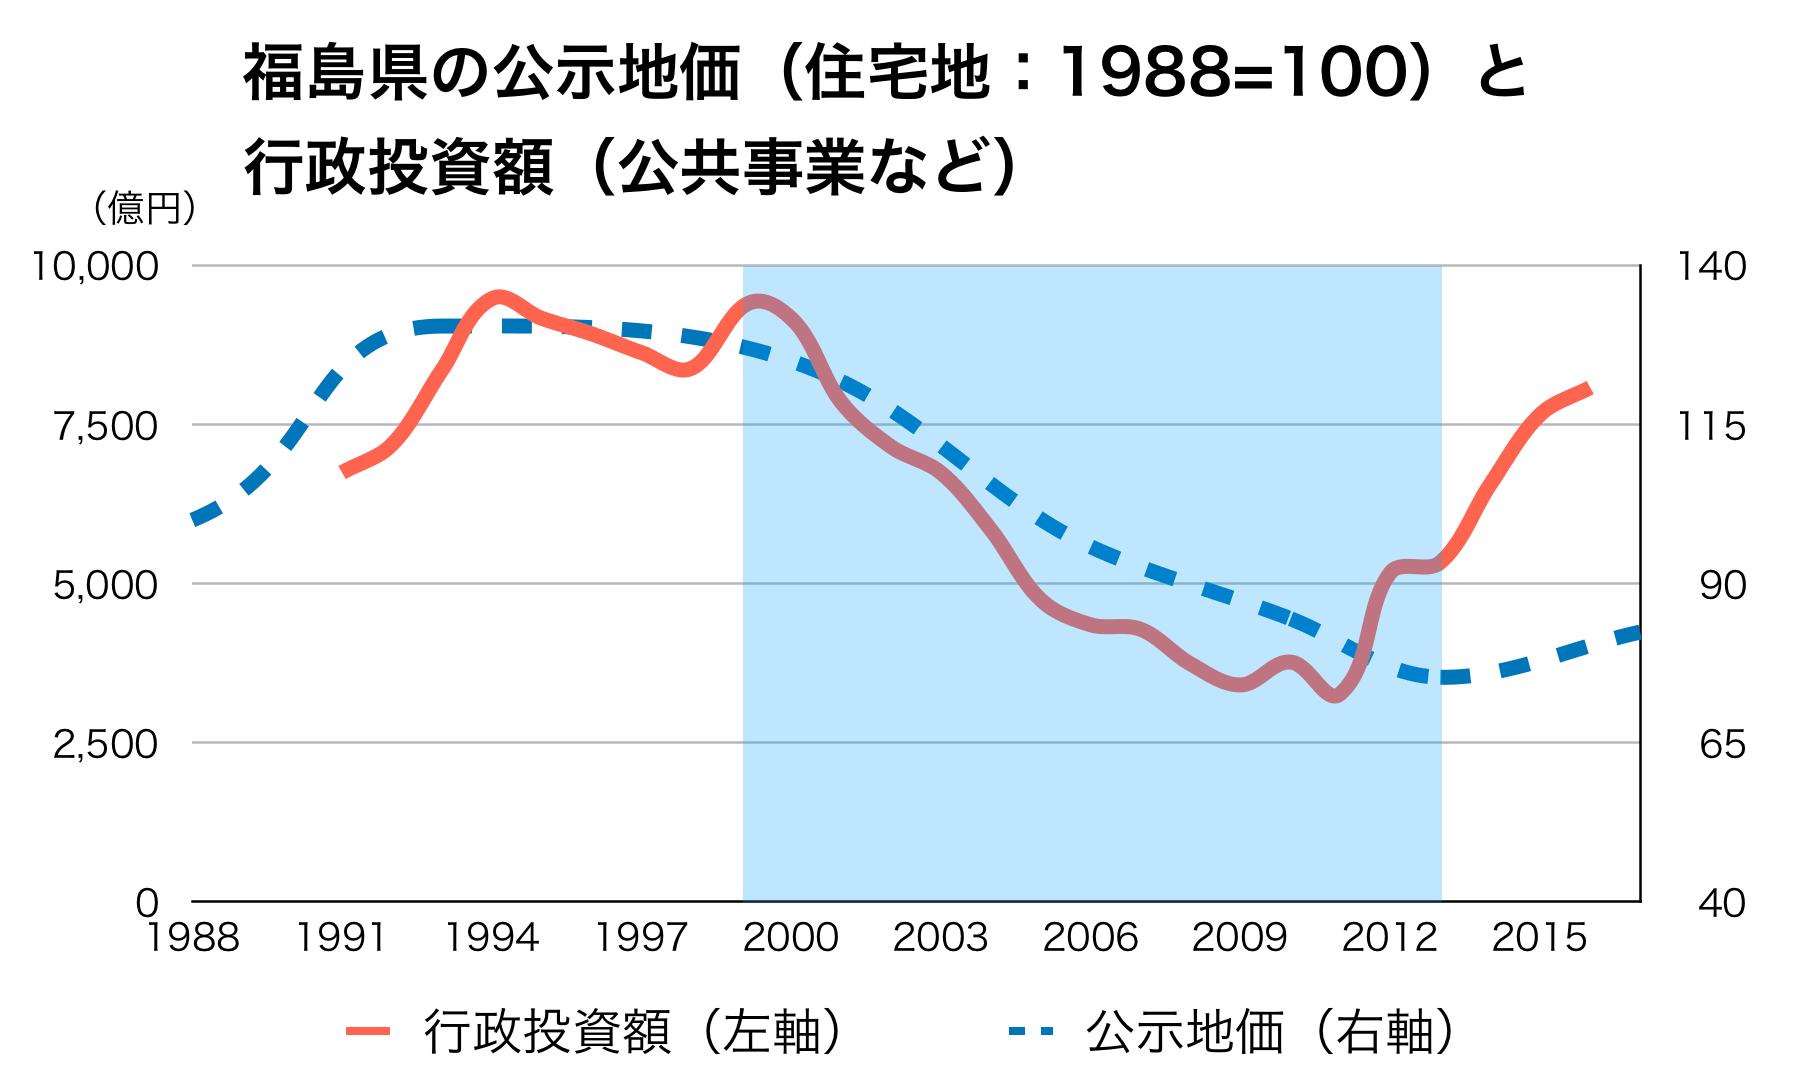 福島県の公共事業と公示地価